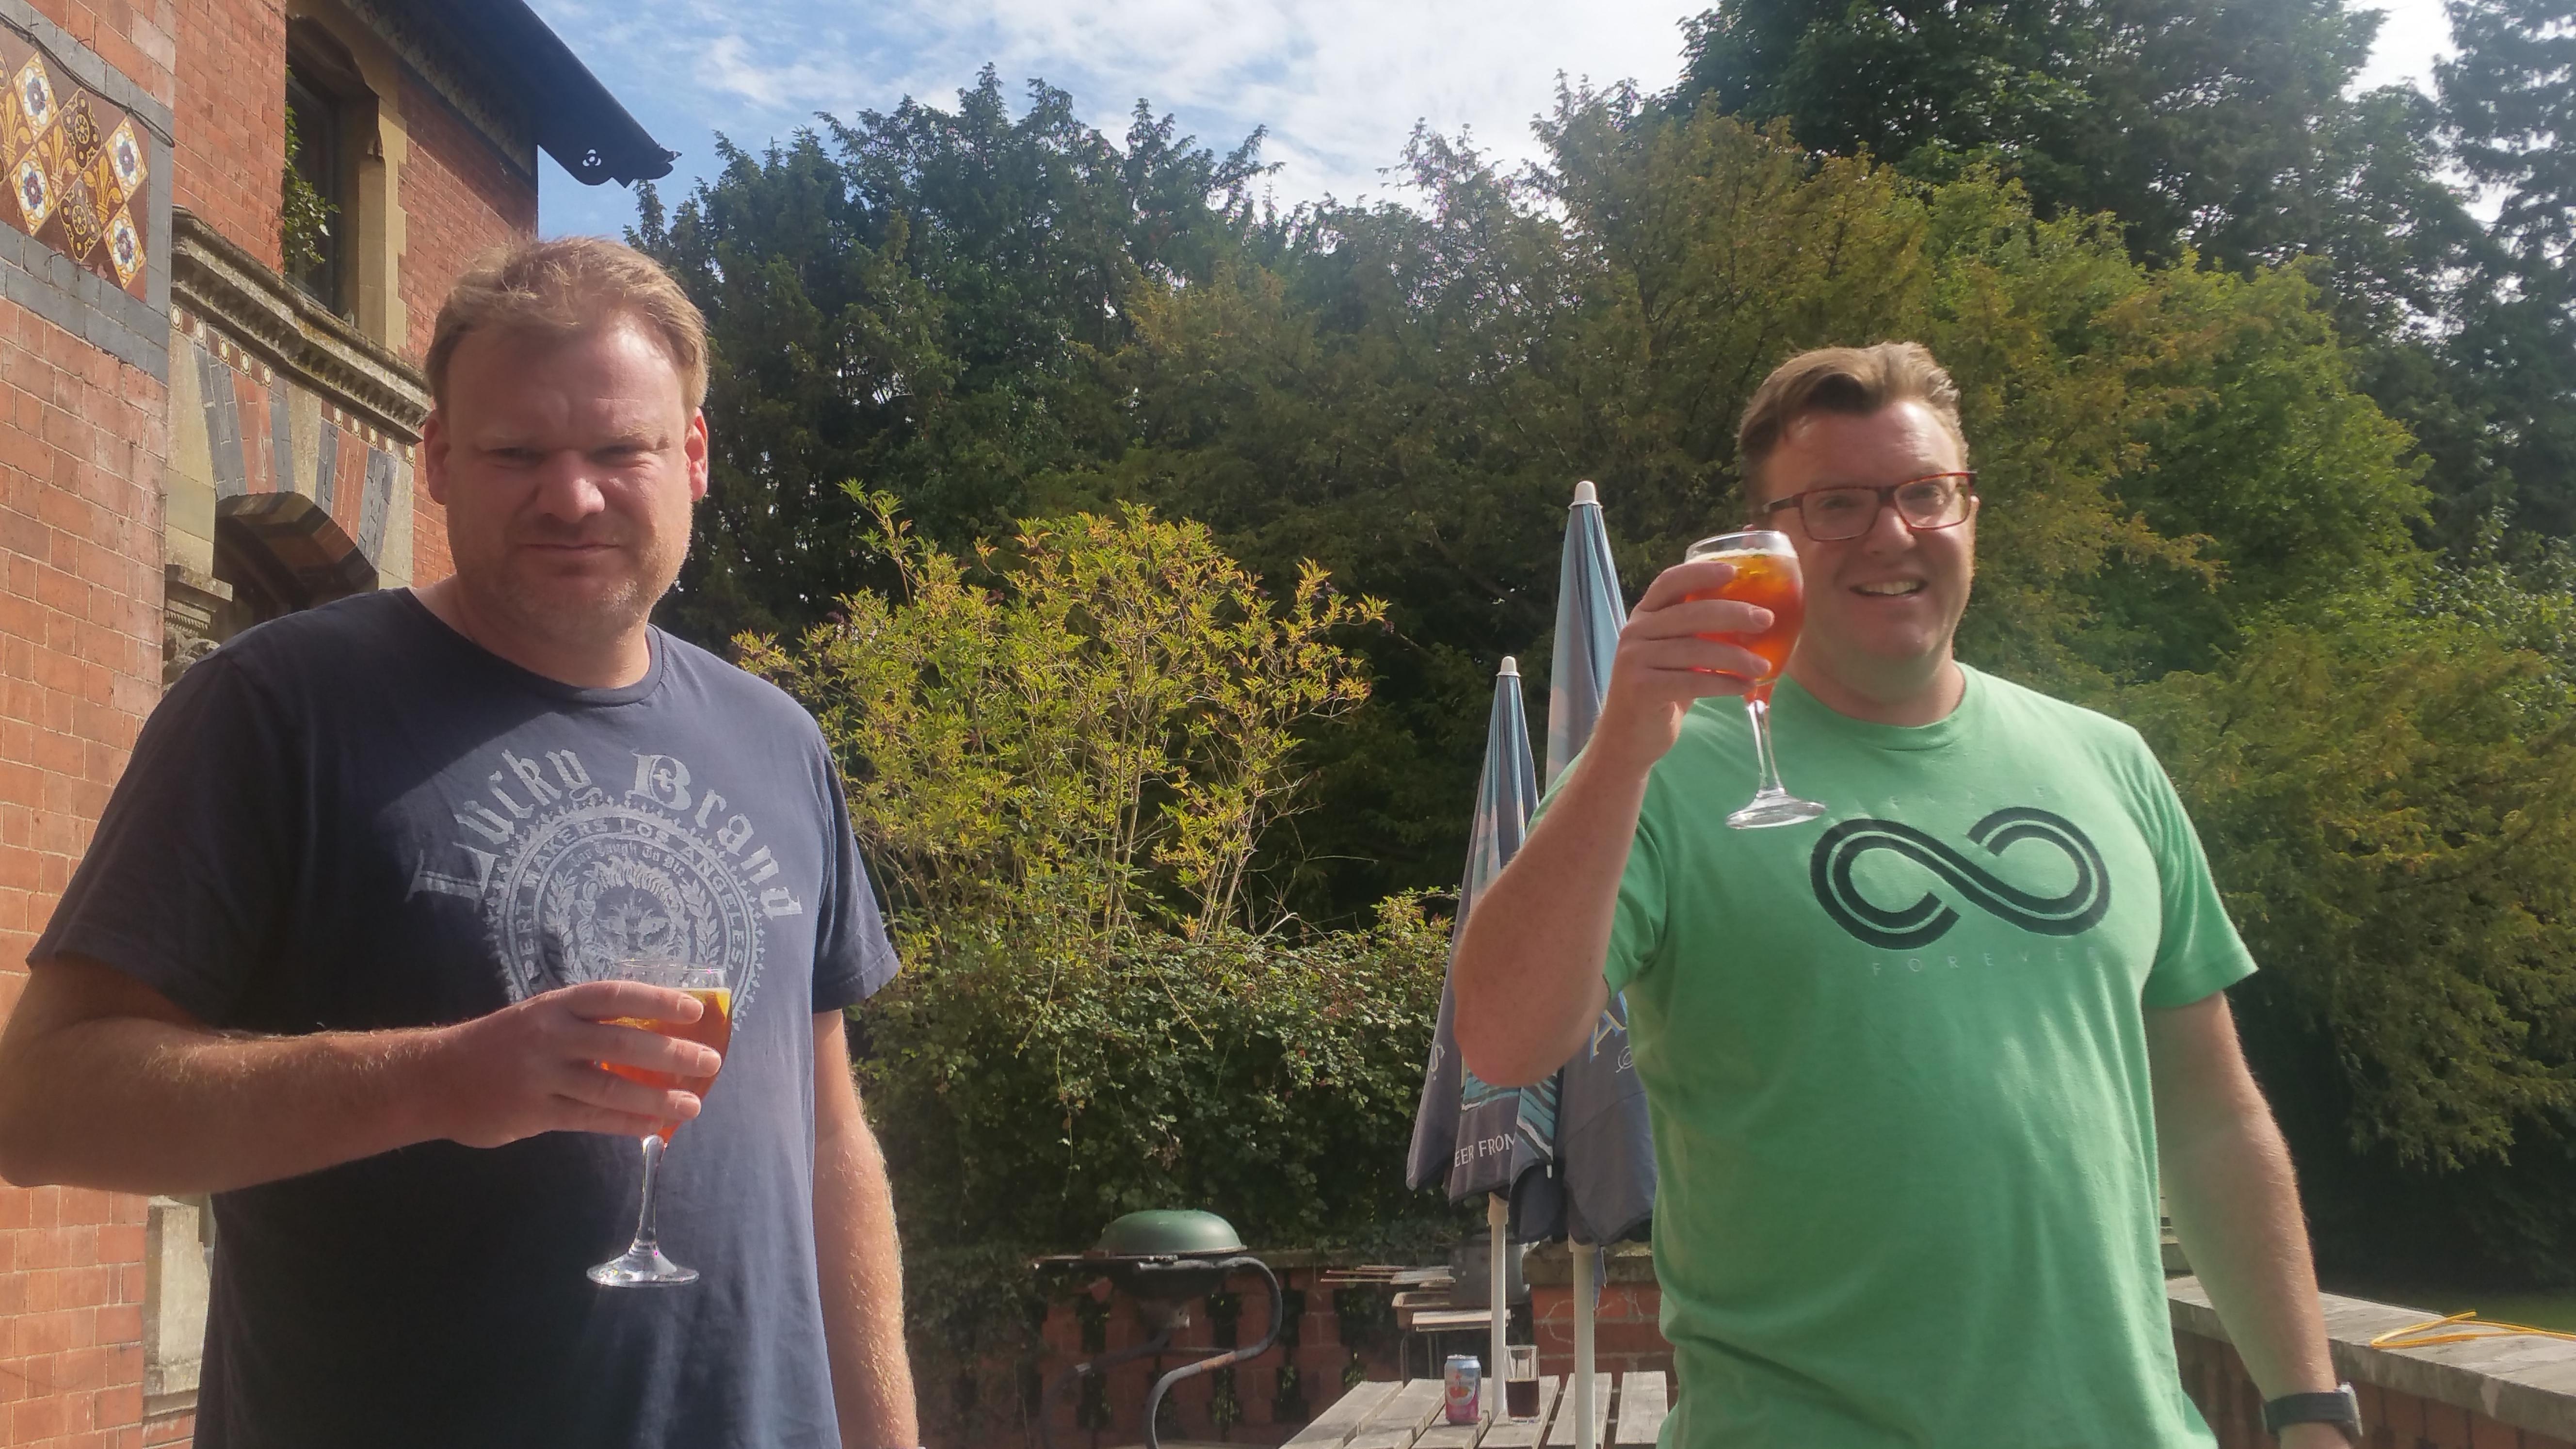 Jim and I at Rosebank, Hereford, 2015